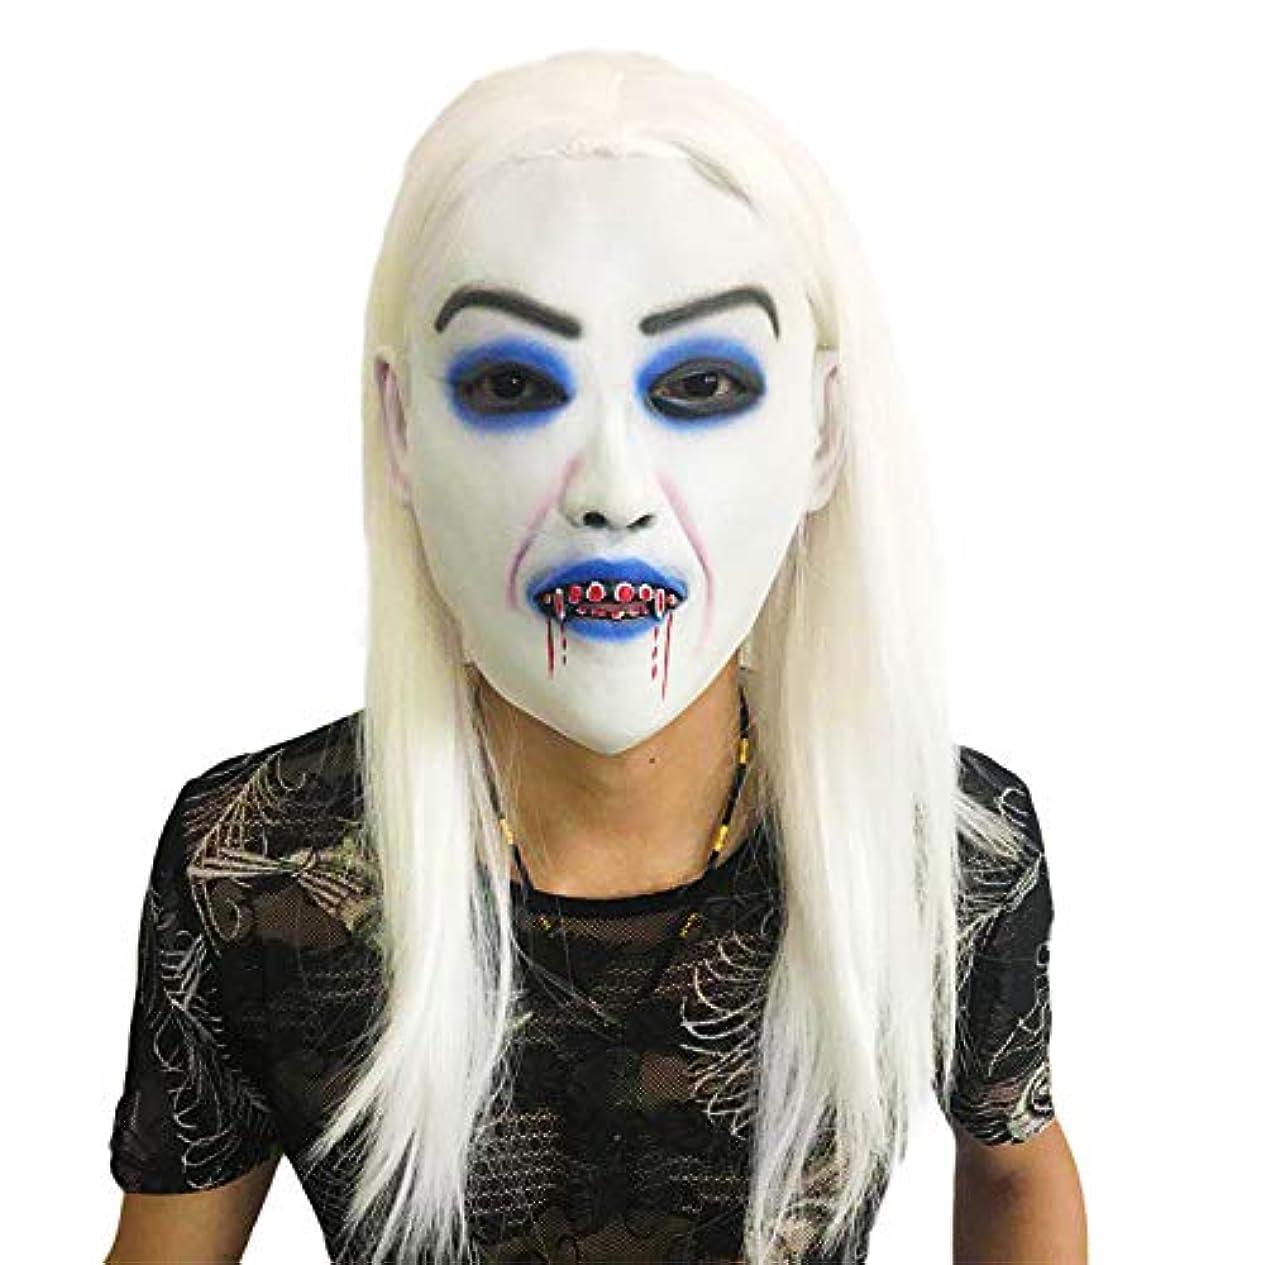 圧力麦芽こどもの日白髪ブリードホラー女性ゴーストマスク長い髪怖いマスクハロウィーンの衣装ショーのパフォーマンスセットの小道具